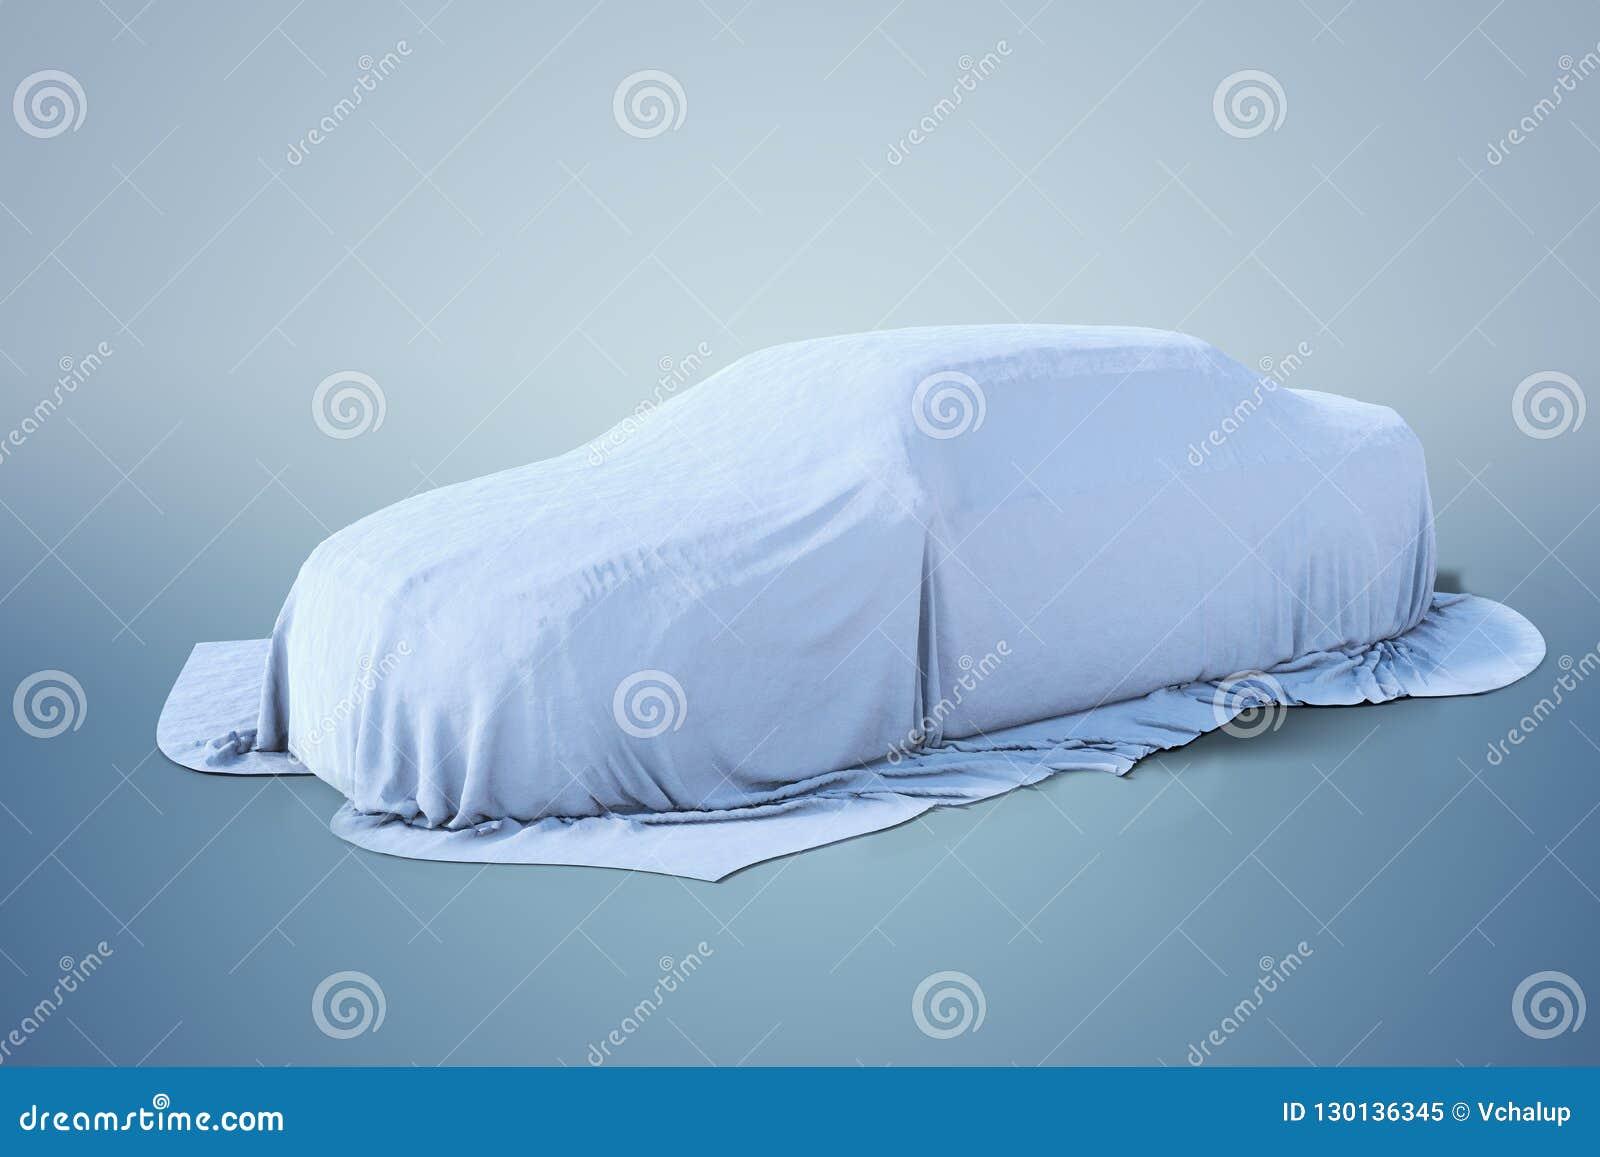 Nowy samochód zakrywający z białym płótnem ilustracja pozbawione 3 d